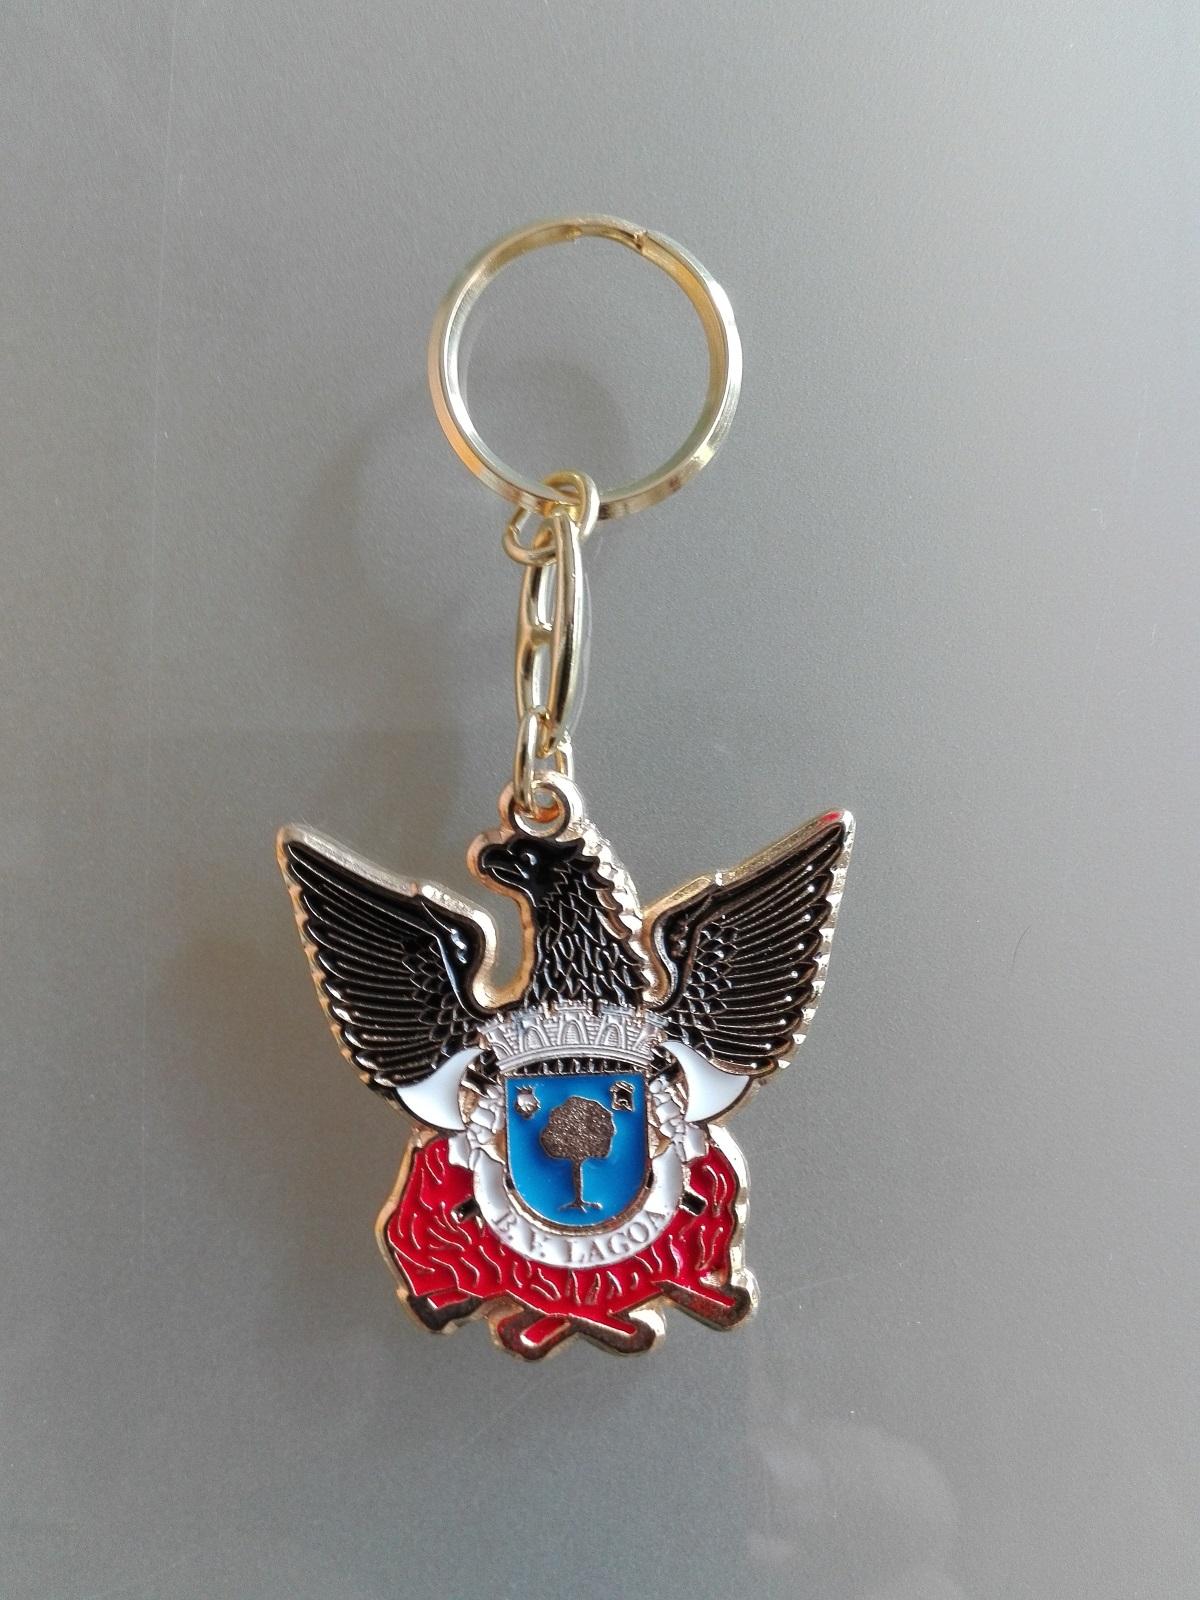 Porta chaves esmaltado e recortado. Bombeiros - Bandeiras do Algarve